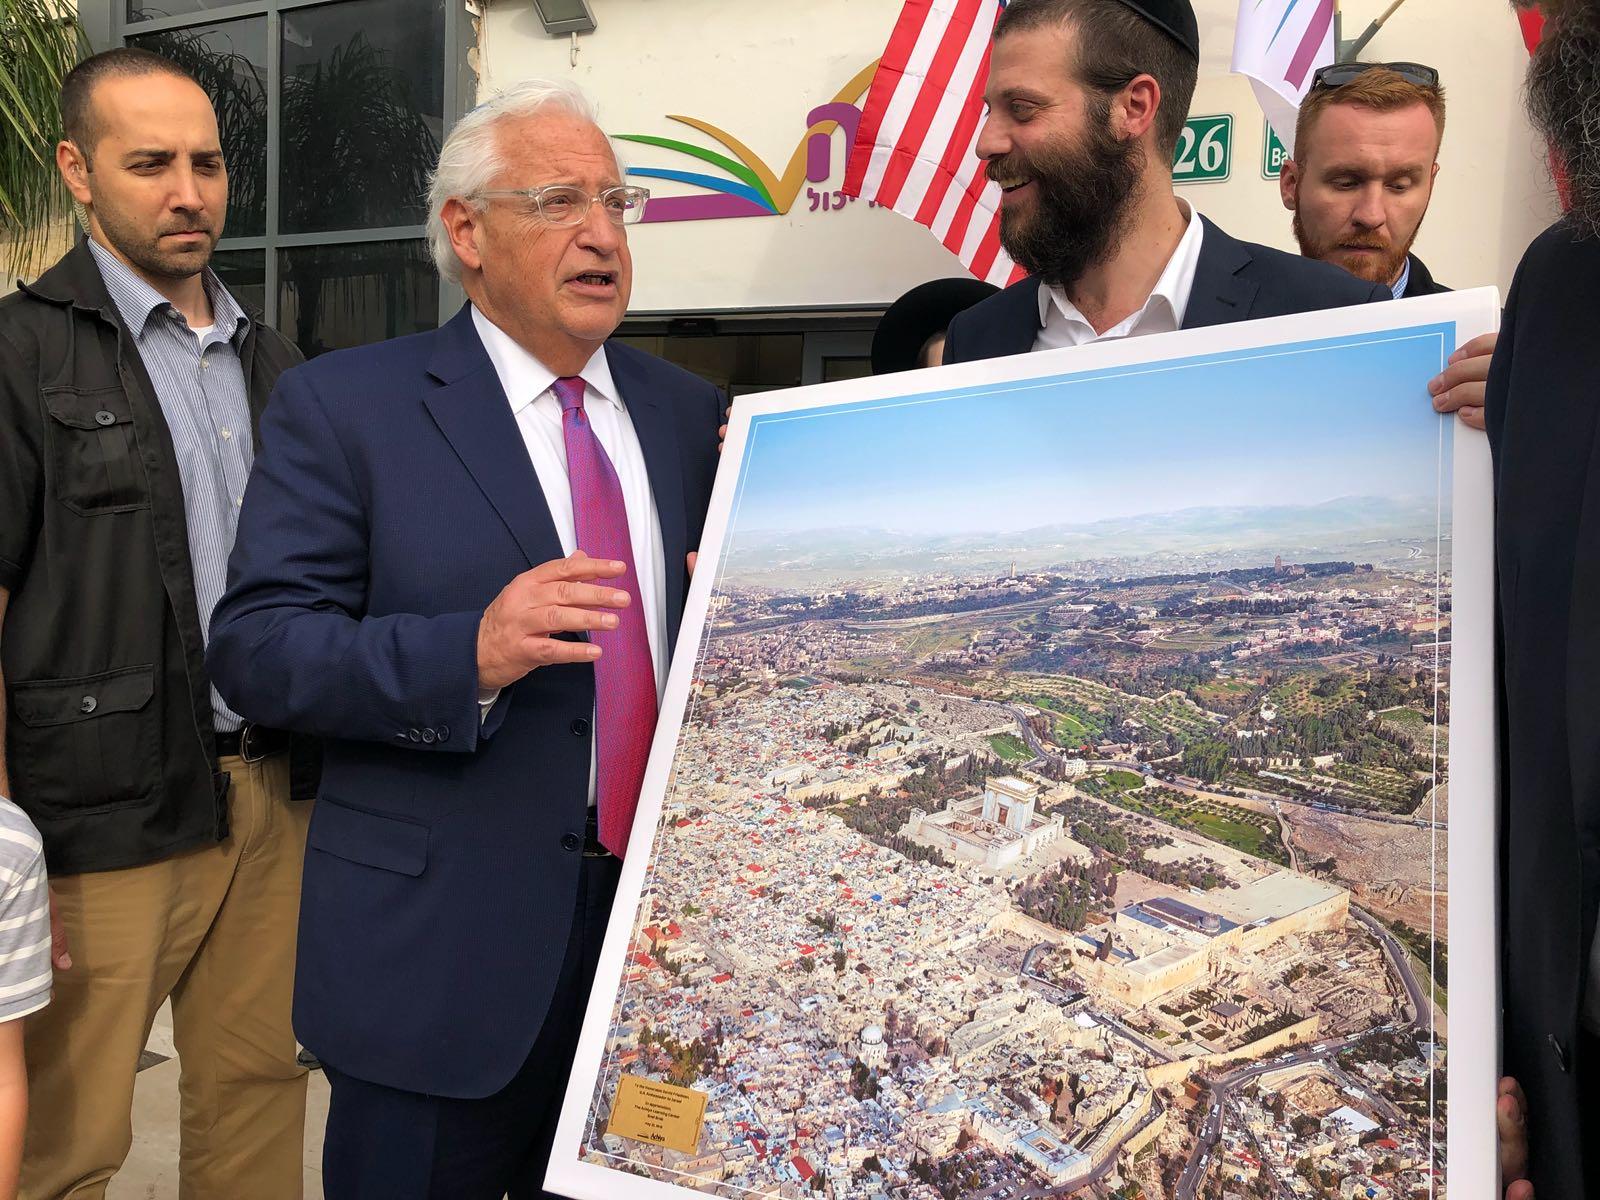 """צפו: התמונה של שגריר ארה""""ב שעוררה סערה"""